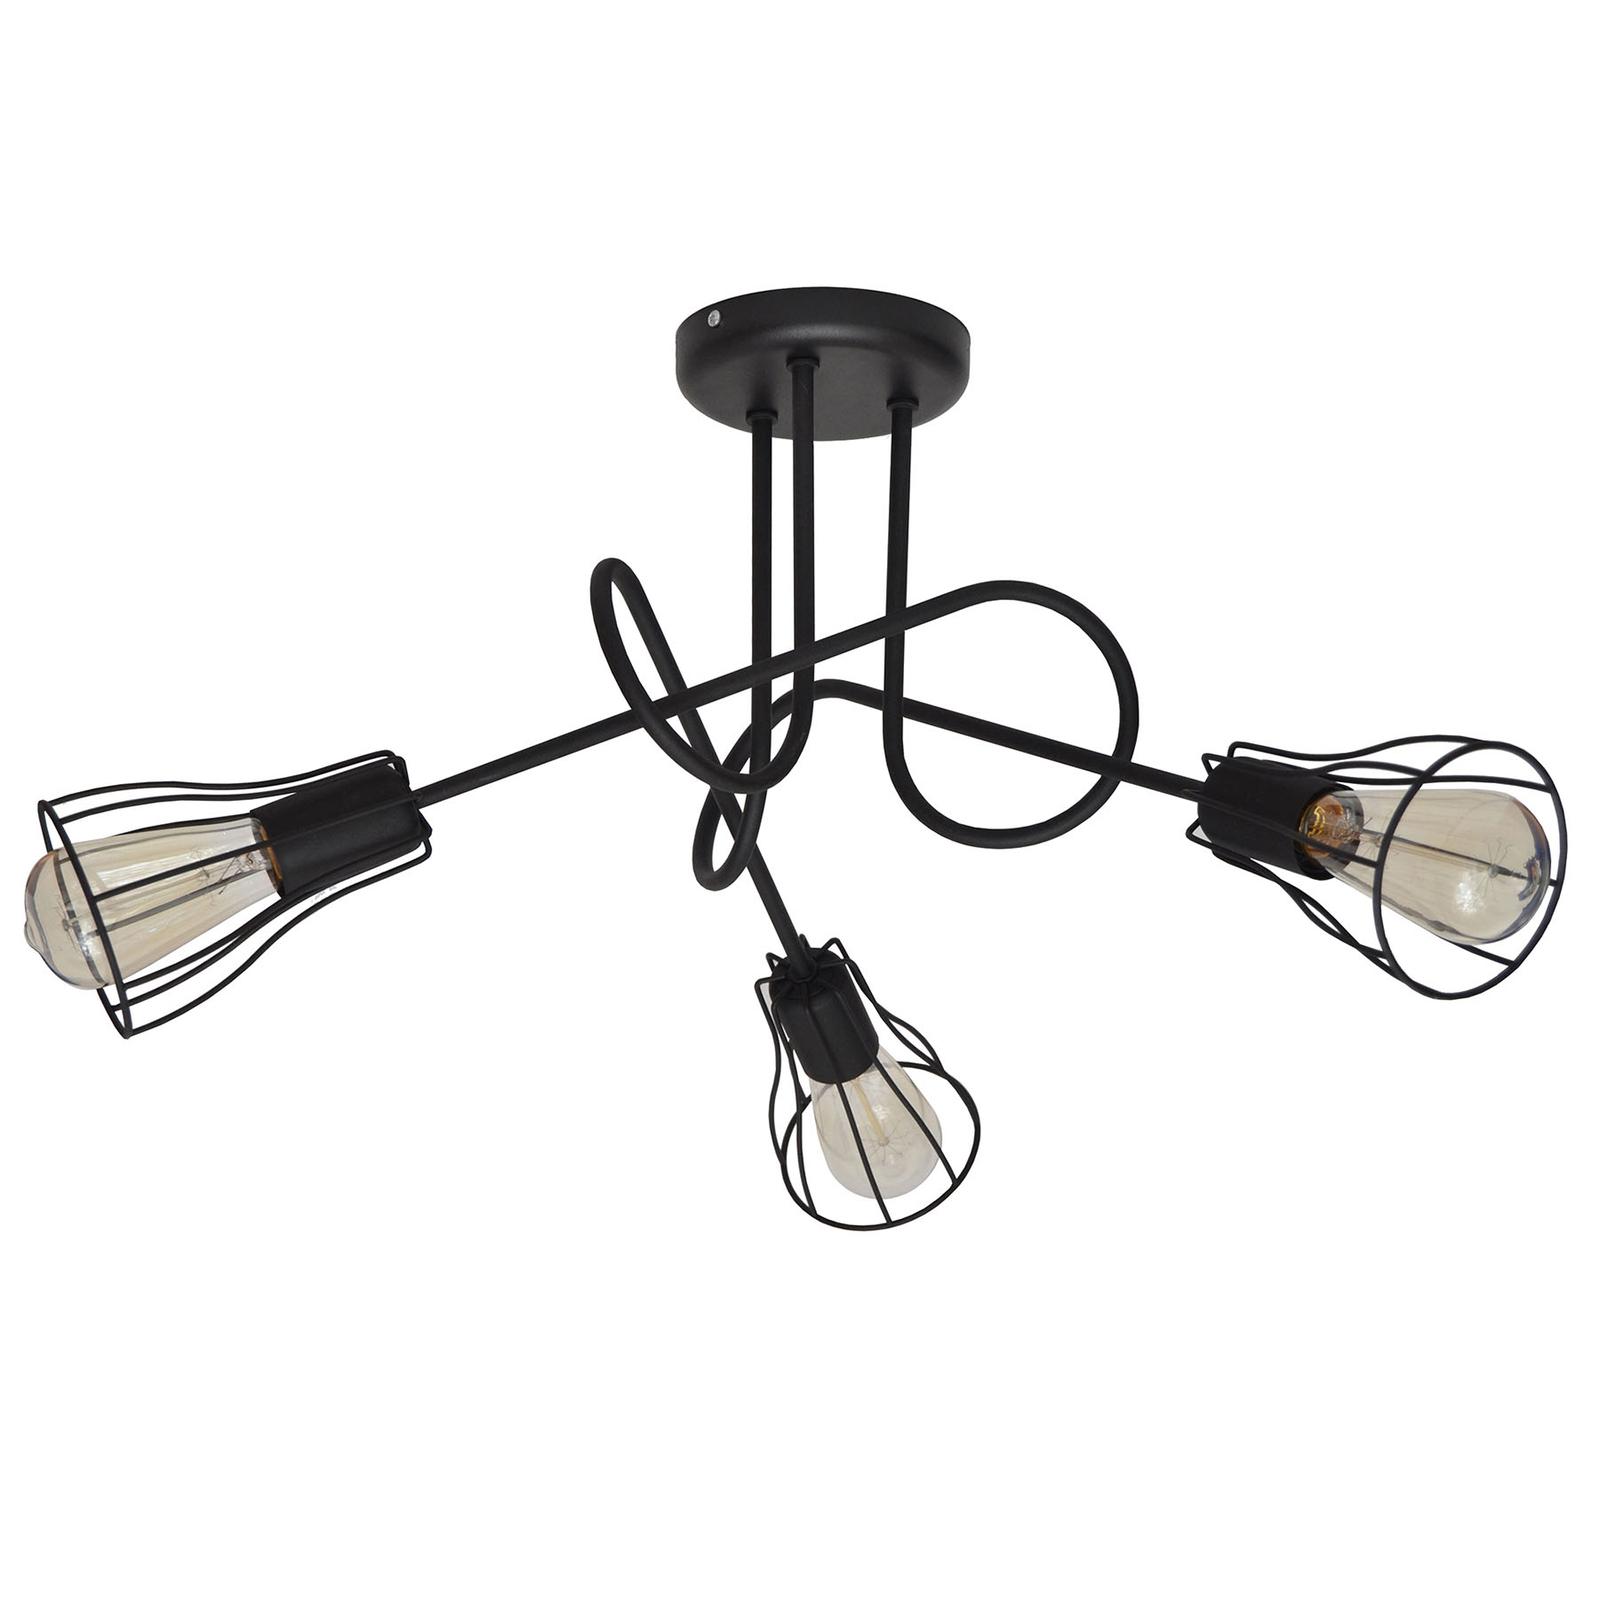 Deckenlampe Oxford 3fl. mit Käfigschirmen schwarz